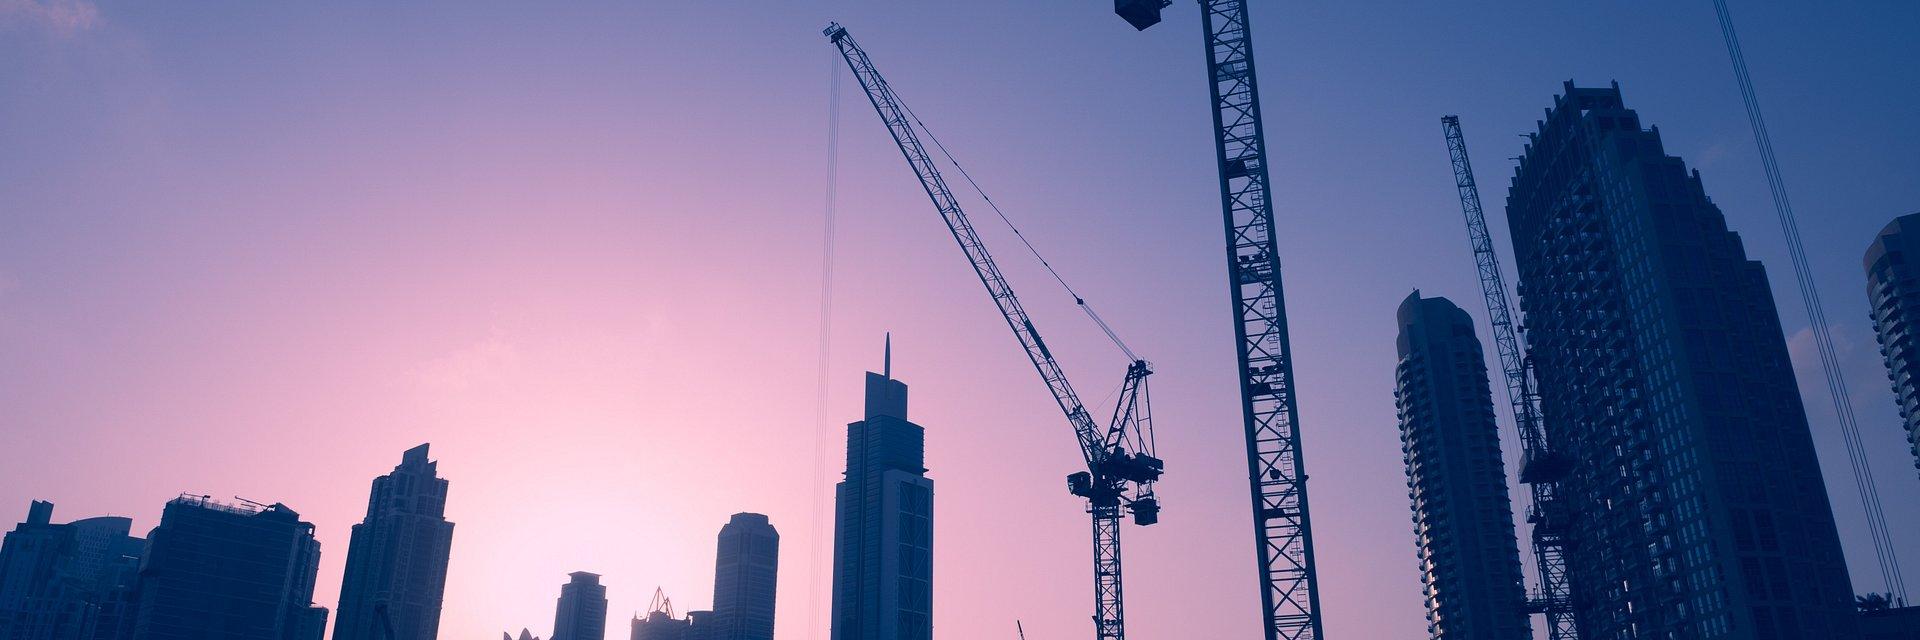 Rynek budowlany w sześciu krajach Europy Środkowo-Wschodniej wydaje się przegrzany